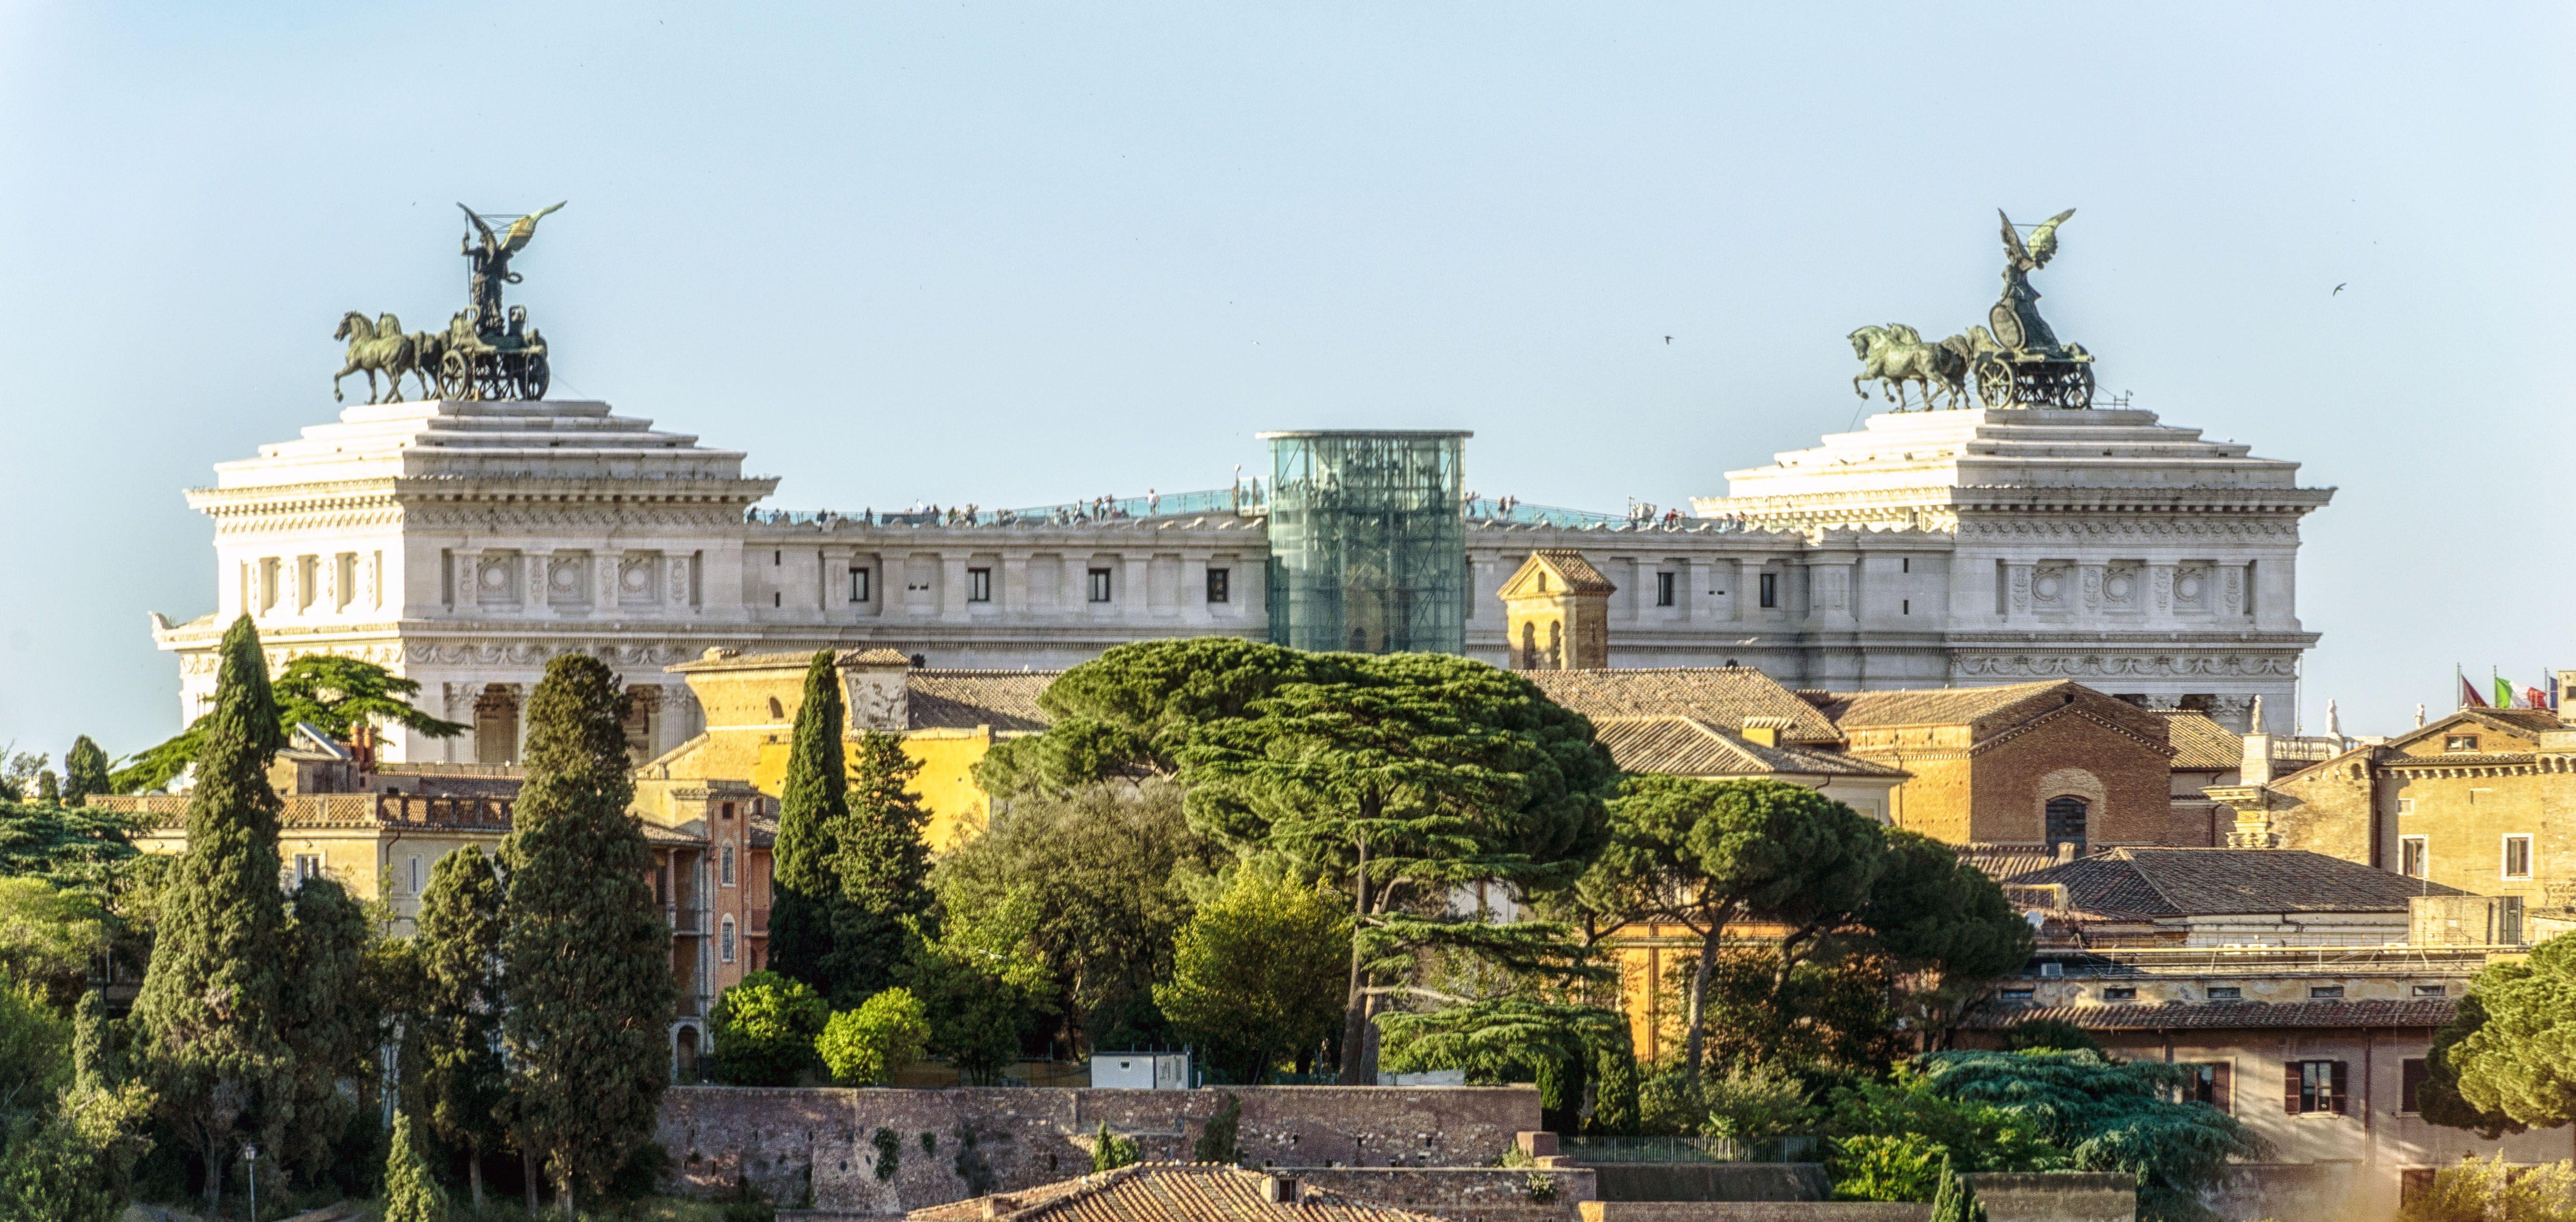 Giardino degli aranci: è qui il più bel panorama di Roma